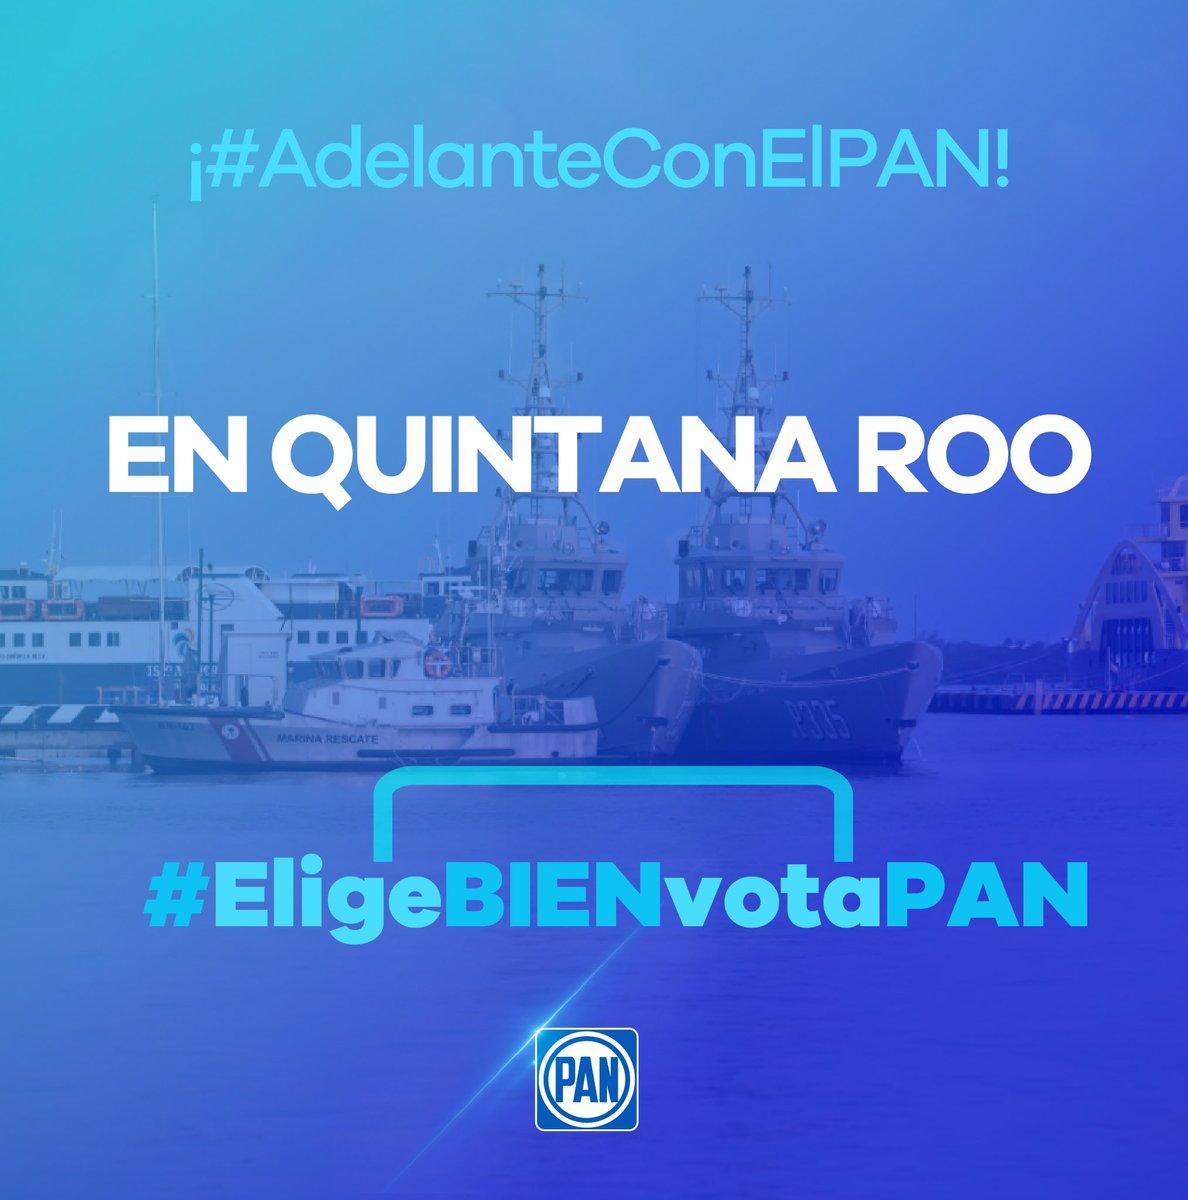 En #QuintanaRoo tenemos los mejores candidatos, los que tienen las propuestas para ir hacia adelante y generen bienestar para este bello estado. Este 2 de junio no hay que dar un paso hacia el pasado autoritario, #EligeBIENVotaPAN.